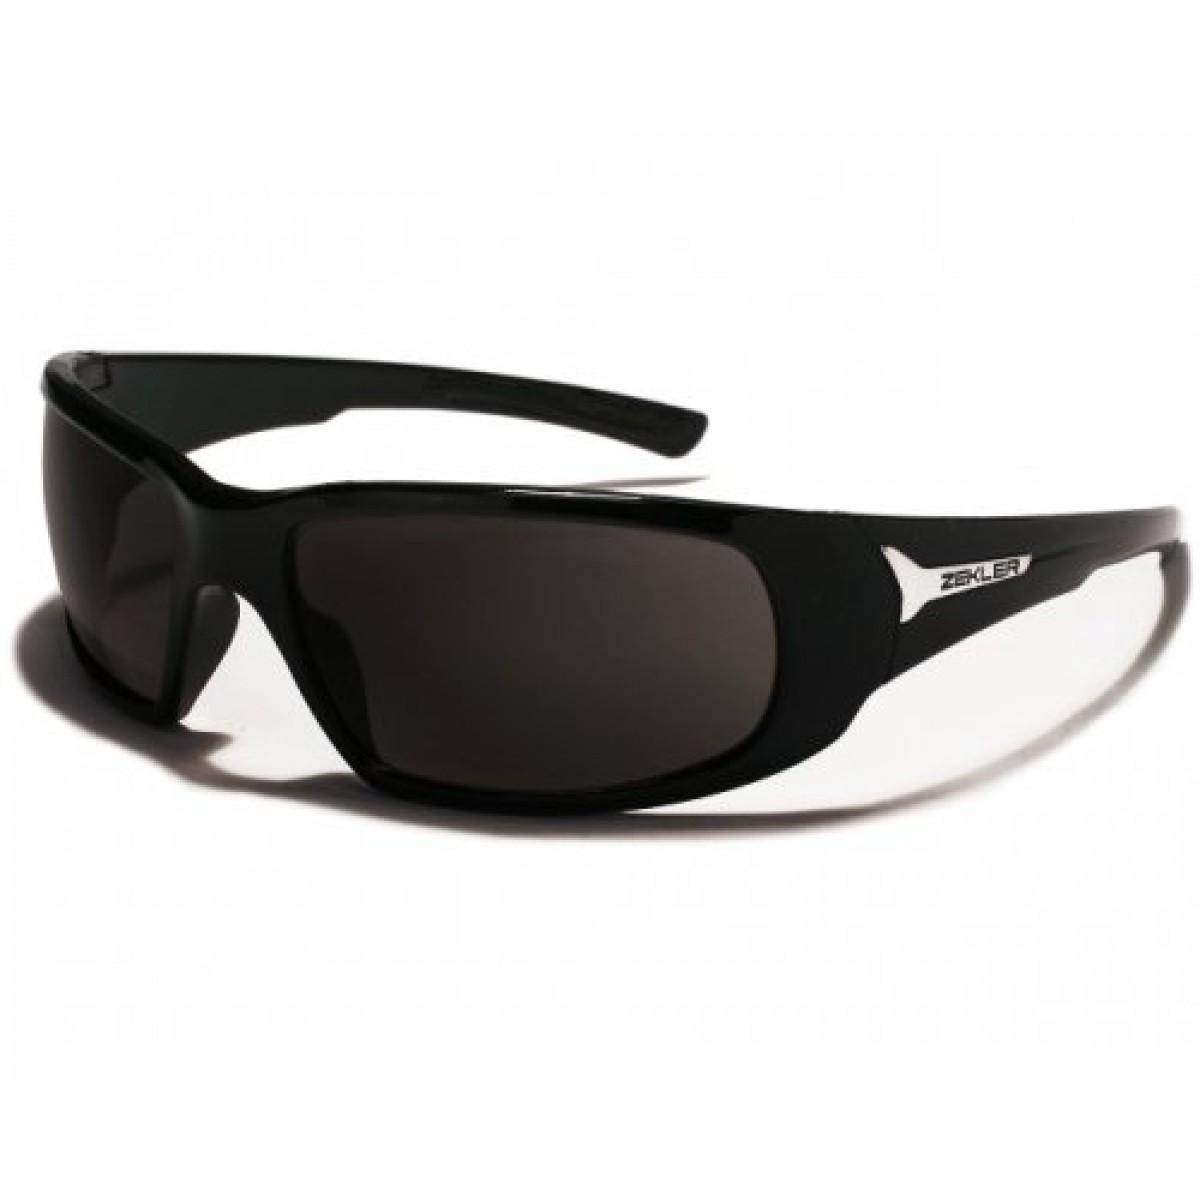 Beskyttelsesbriller ZEKLER 106-31